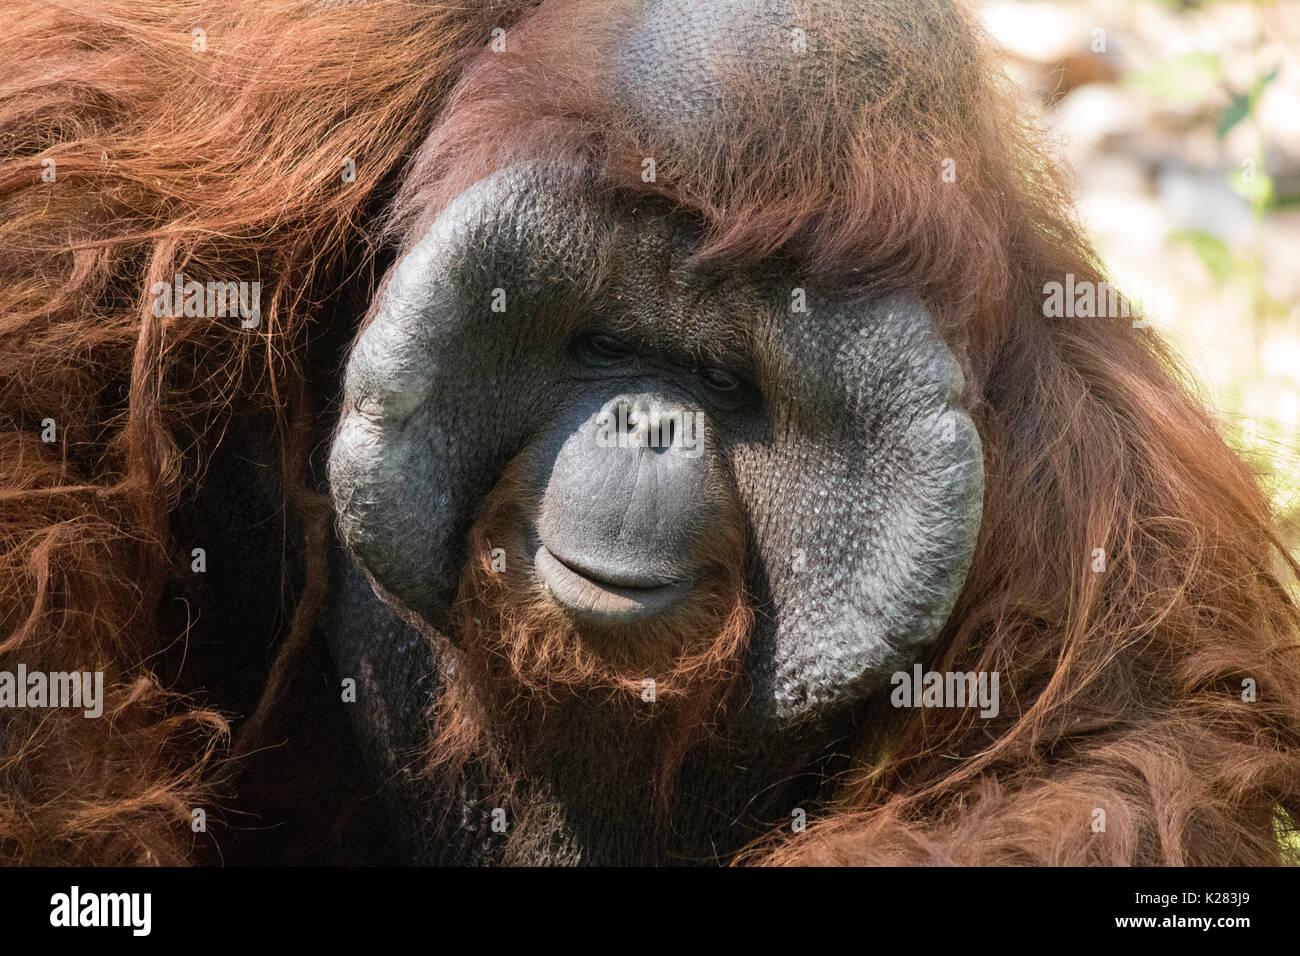 Pour les personnes en attente de l'orang-outan pour prendre des photos dans le zoo en Thaïlande, parfois, il avait l'air triste Photo Stock